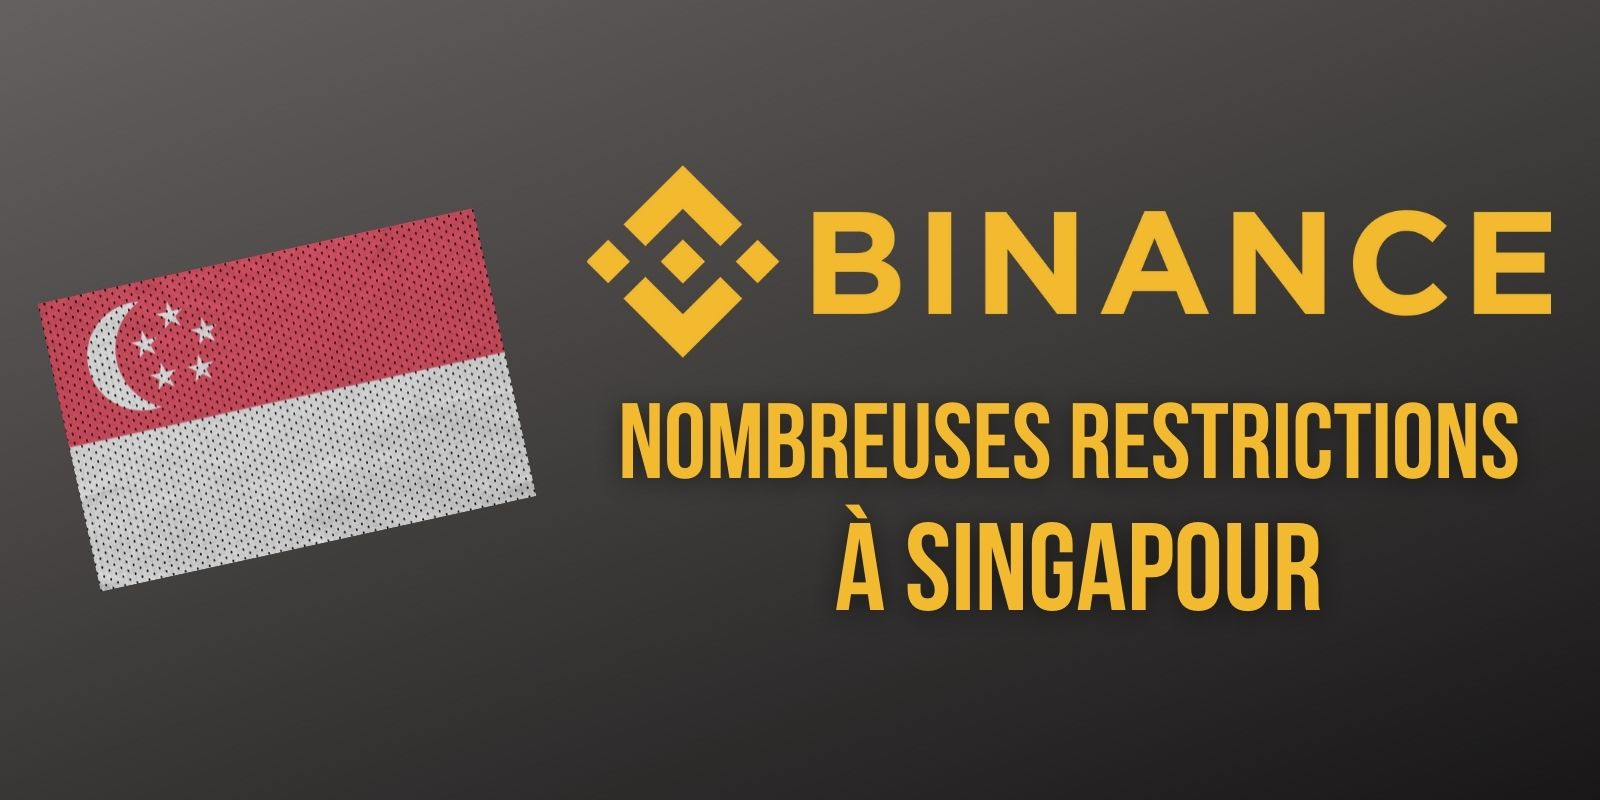 Binance restreint l'accès à de nombreux services à ses utilisateurs de Singapour